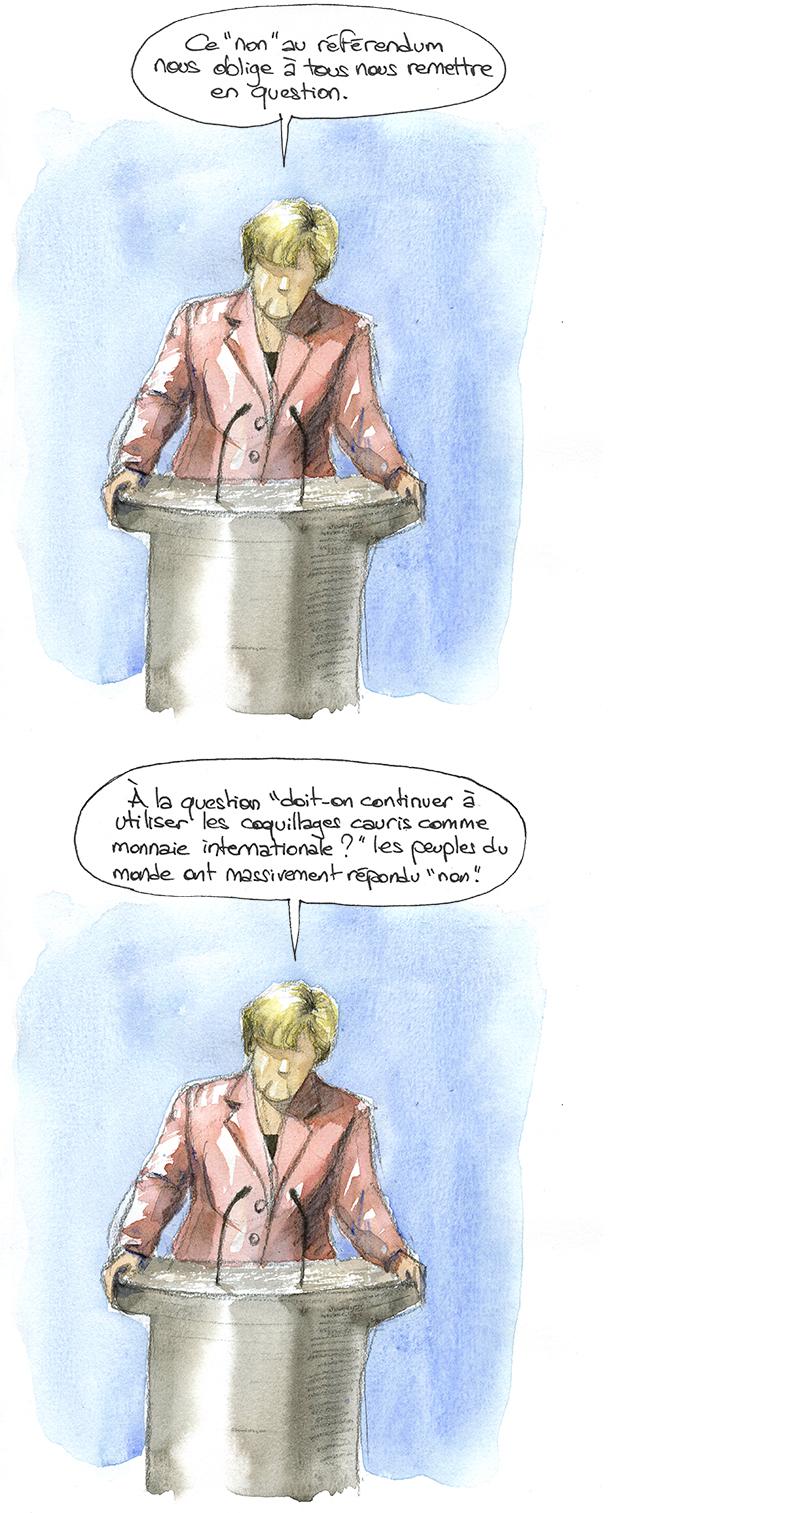 Angela Merkel, non au référendum, remise en question